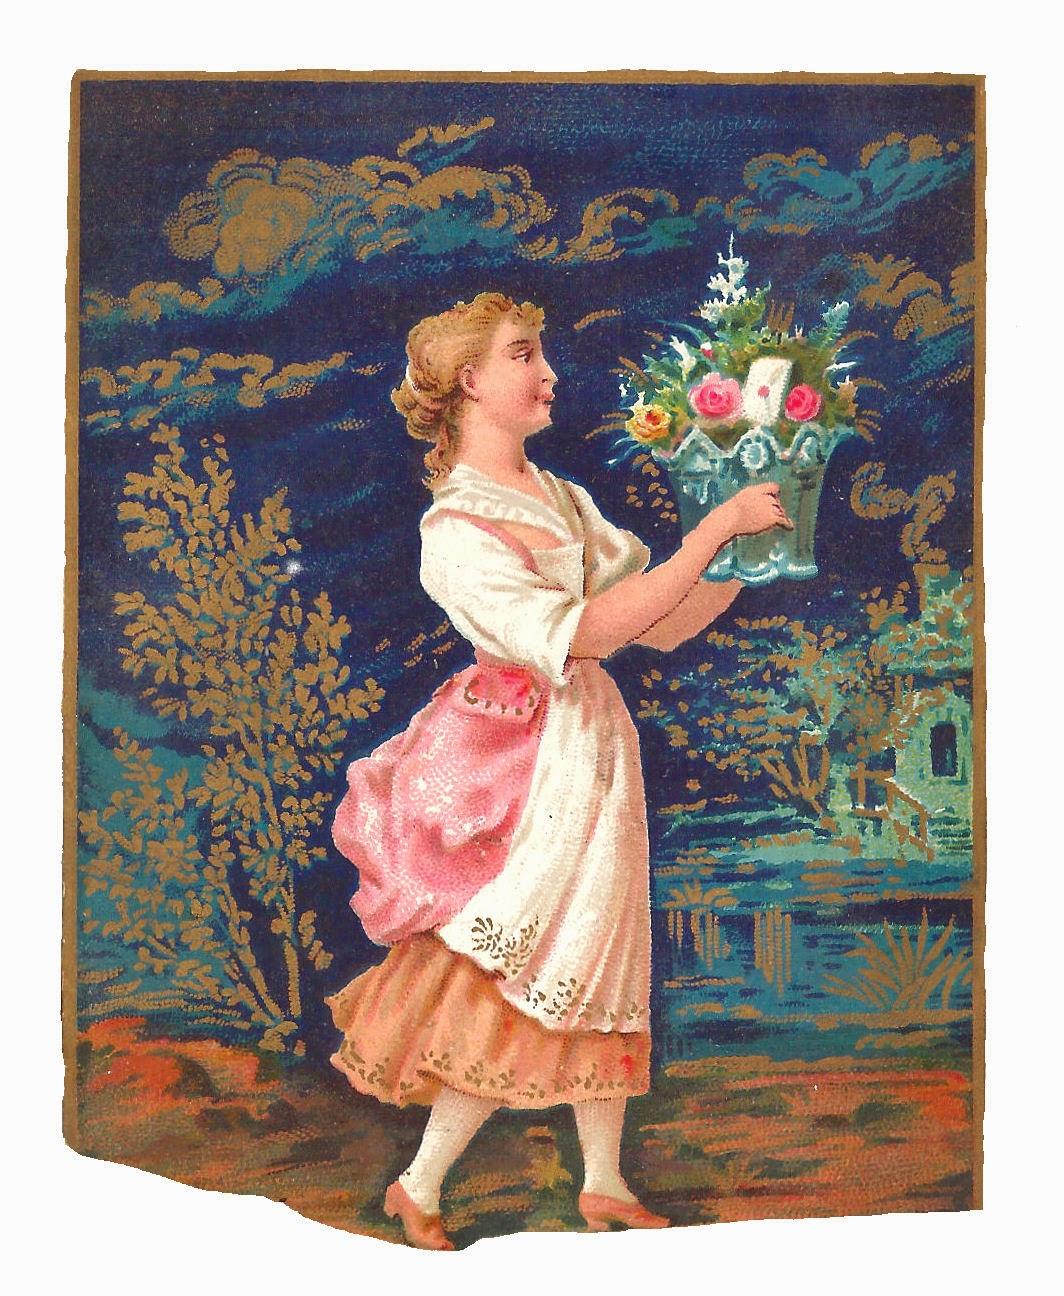 http://4.bp.blogspot.com/-Bdk3d4i3vl4/U4o49pRLO6I/AAAAAAAAUJY/dSo4kNaPjlo/s1600/woman_carrying_flwr_vase_scrap.jpg